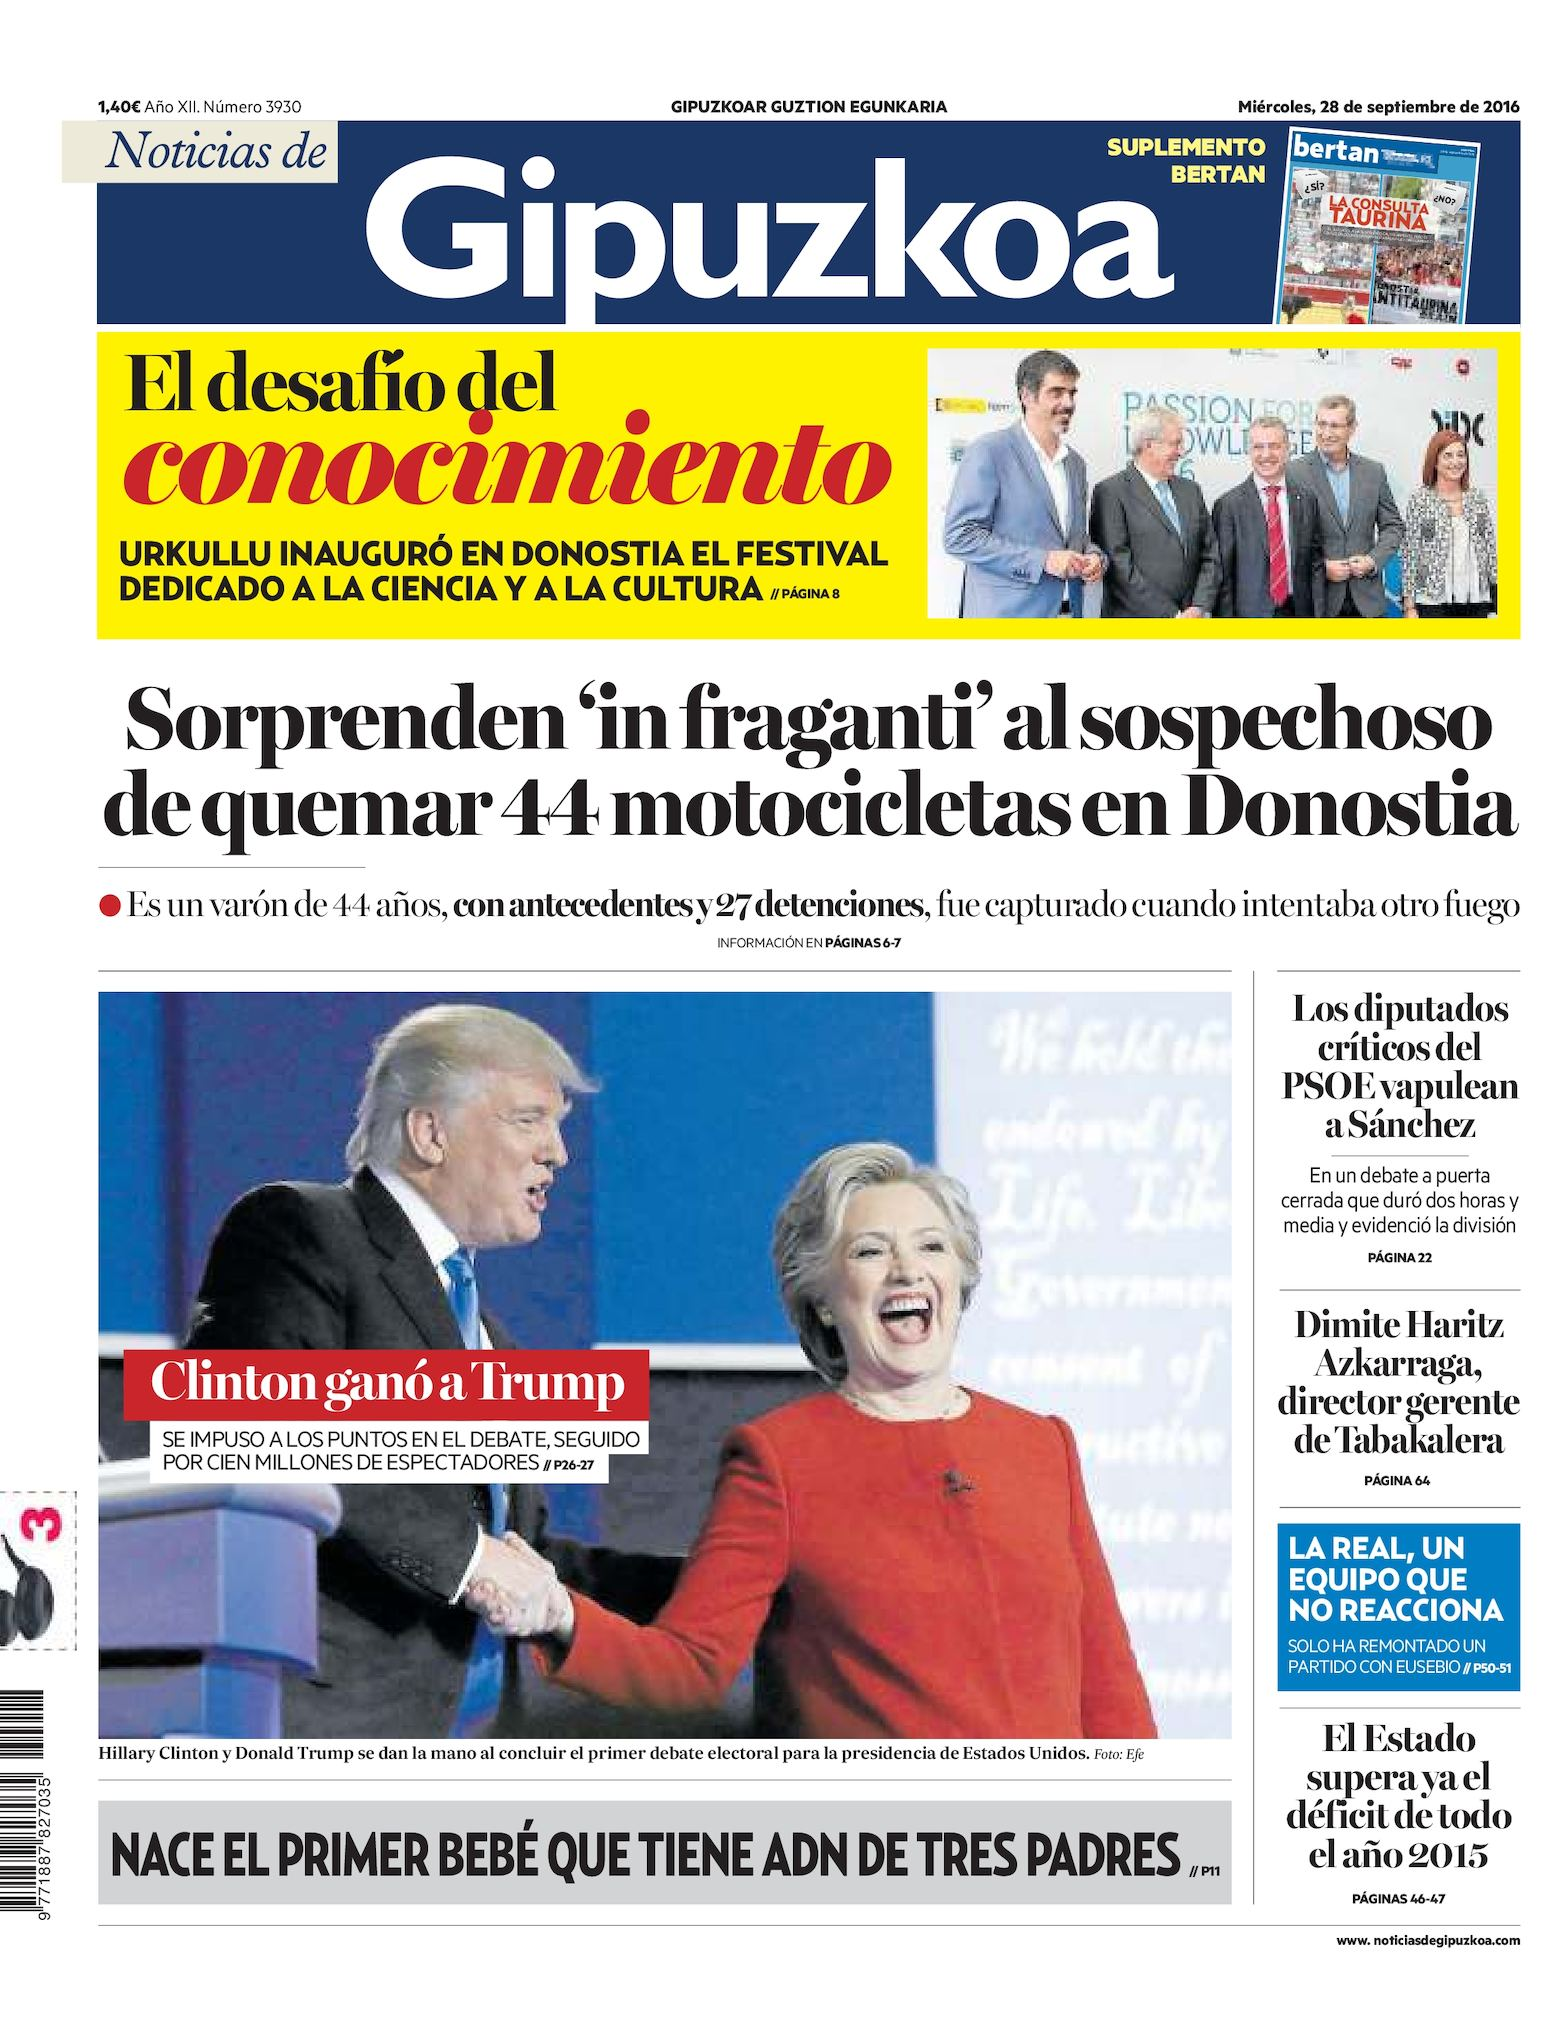 Calaméo - Noticias de Gipuzkoa 20160928